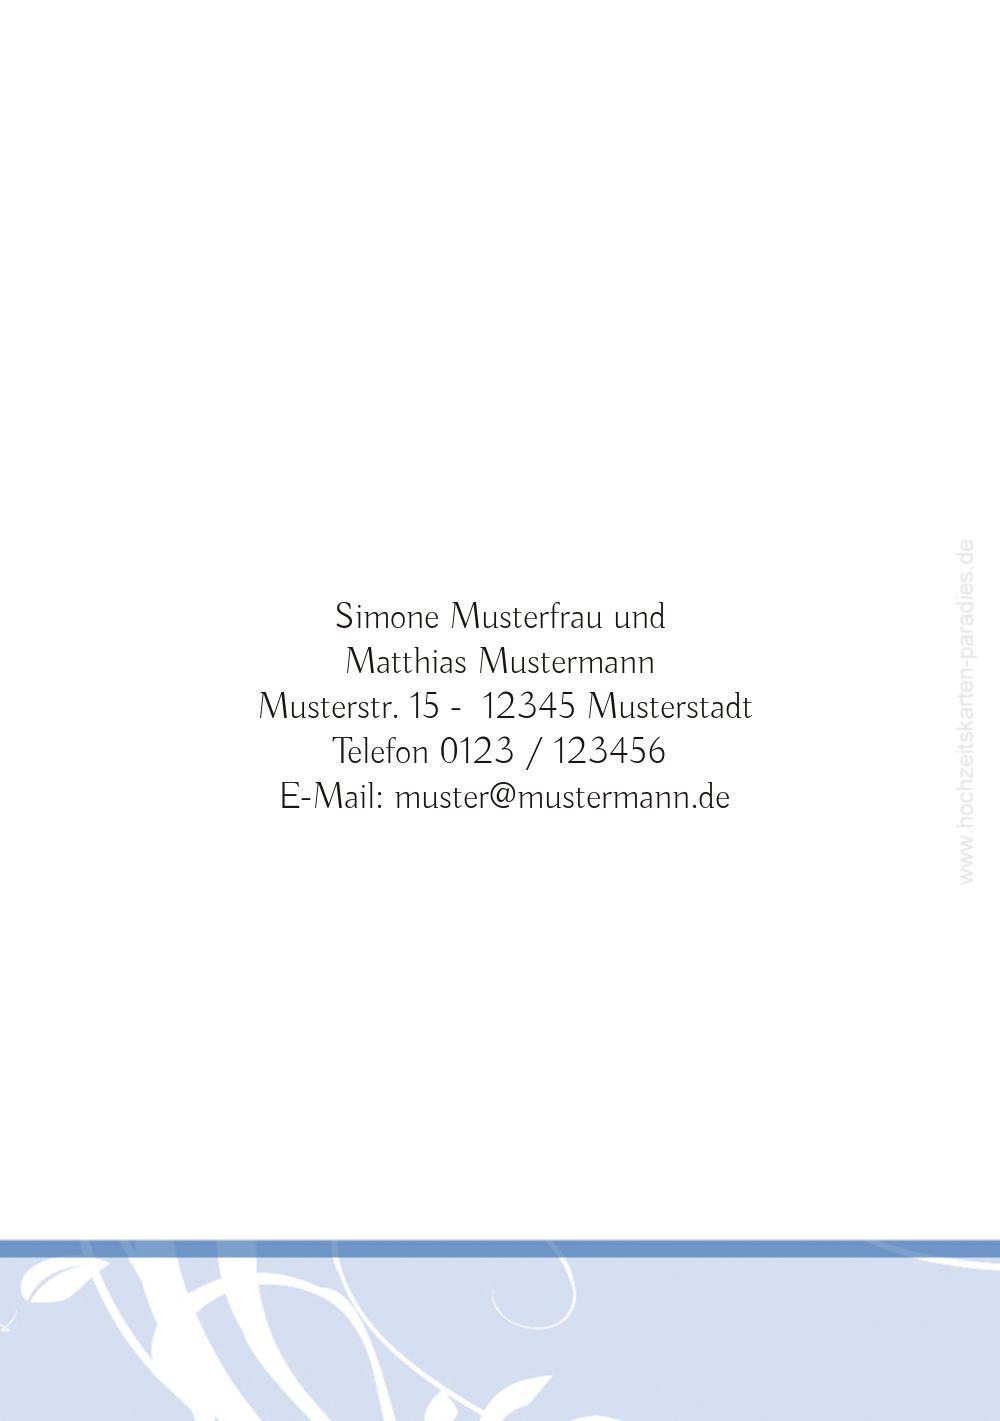 Ansicht 2 - Hochzeit Einladung Blättertraum